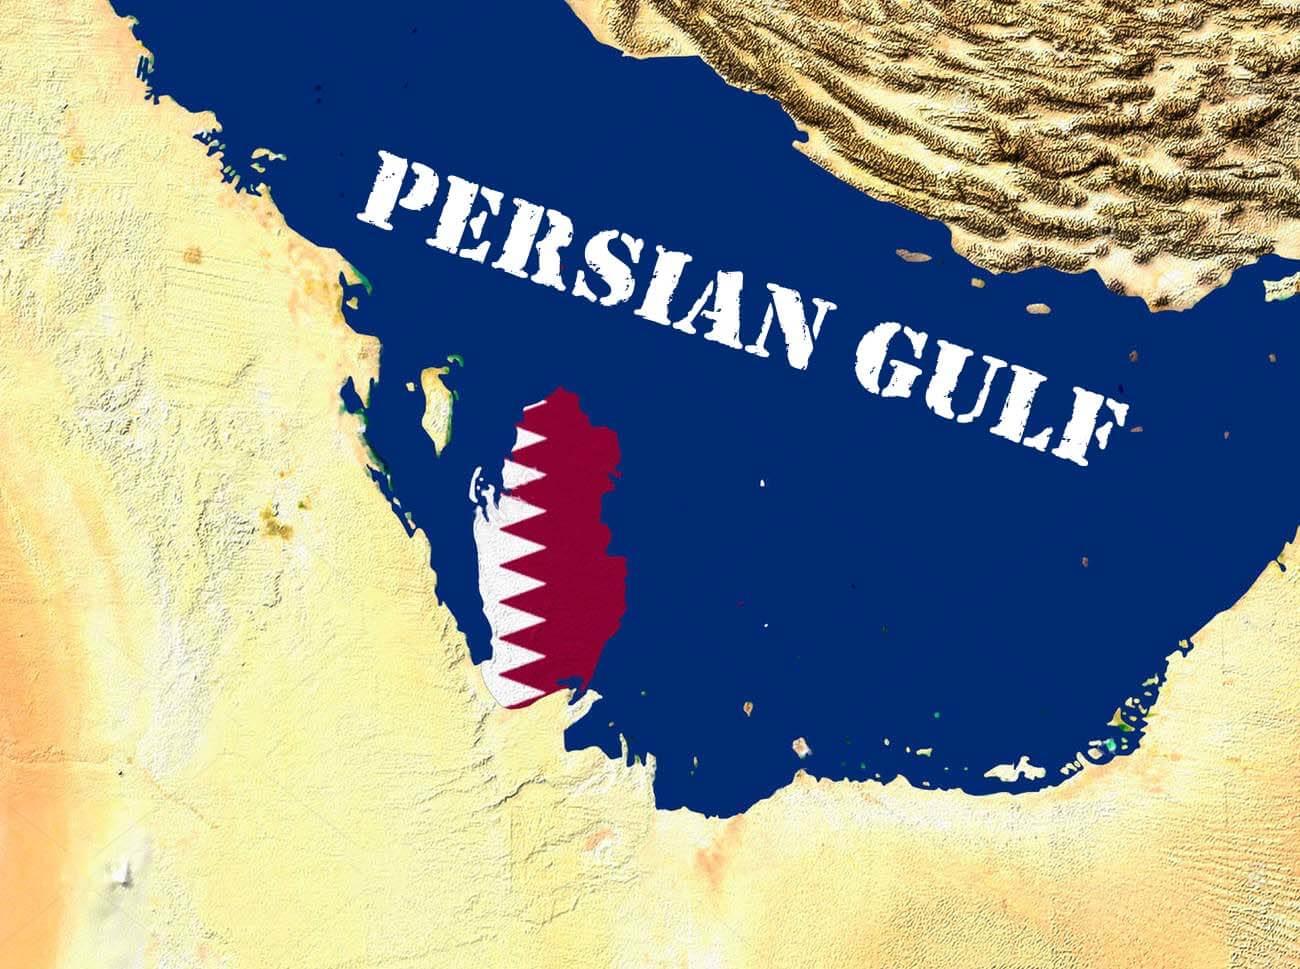 سرزمین قطر؛ از شنهای صحرا تا لمس ابرها